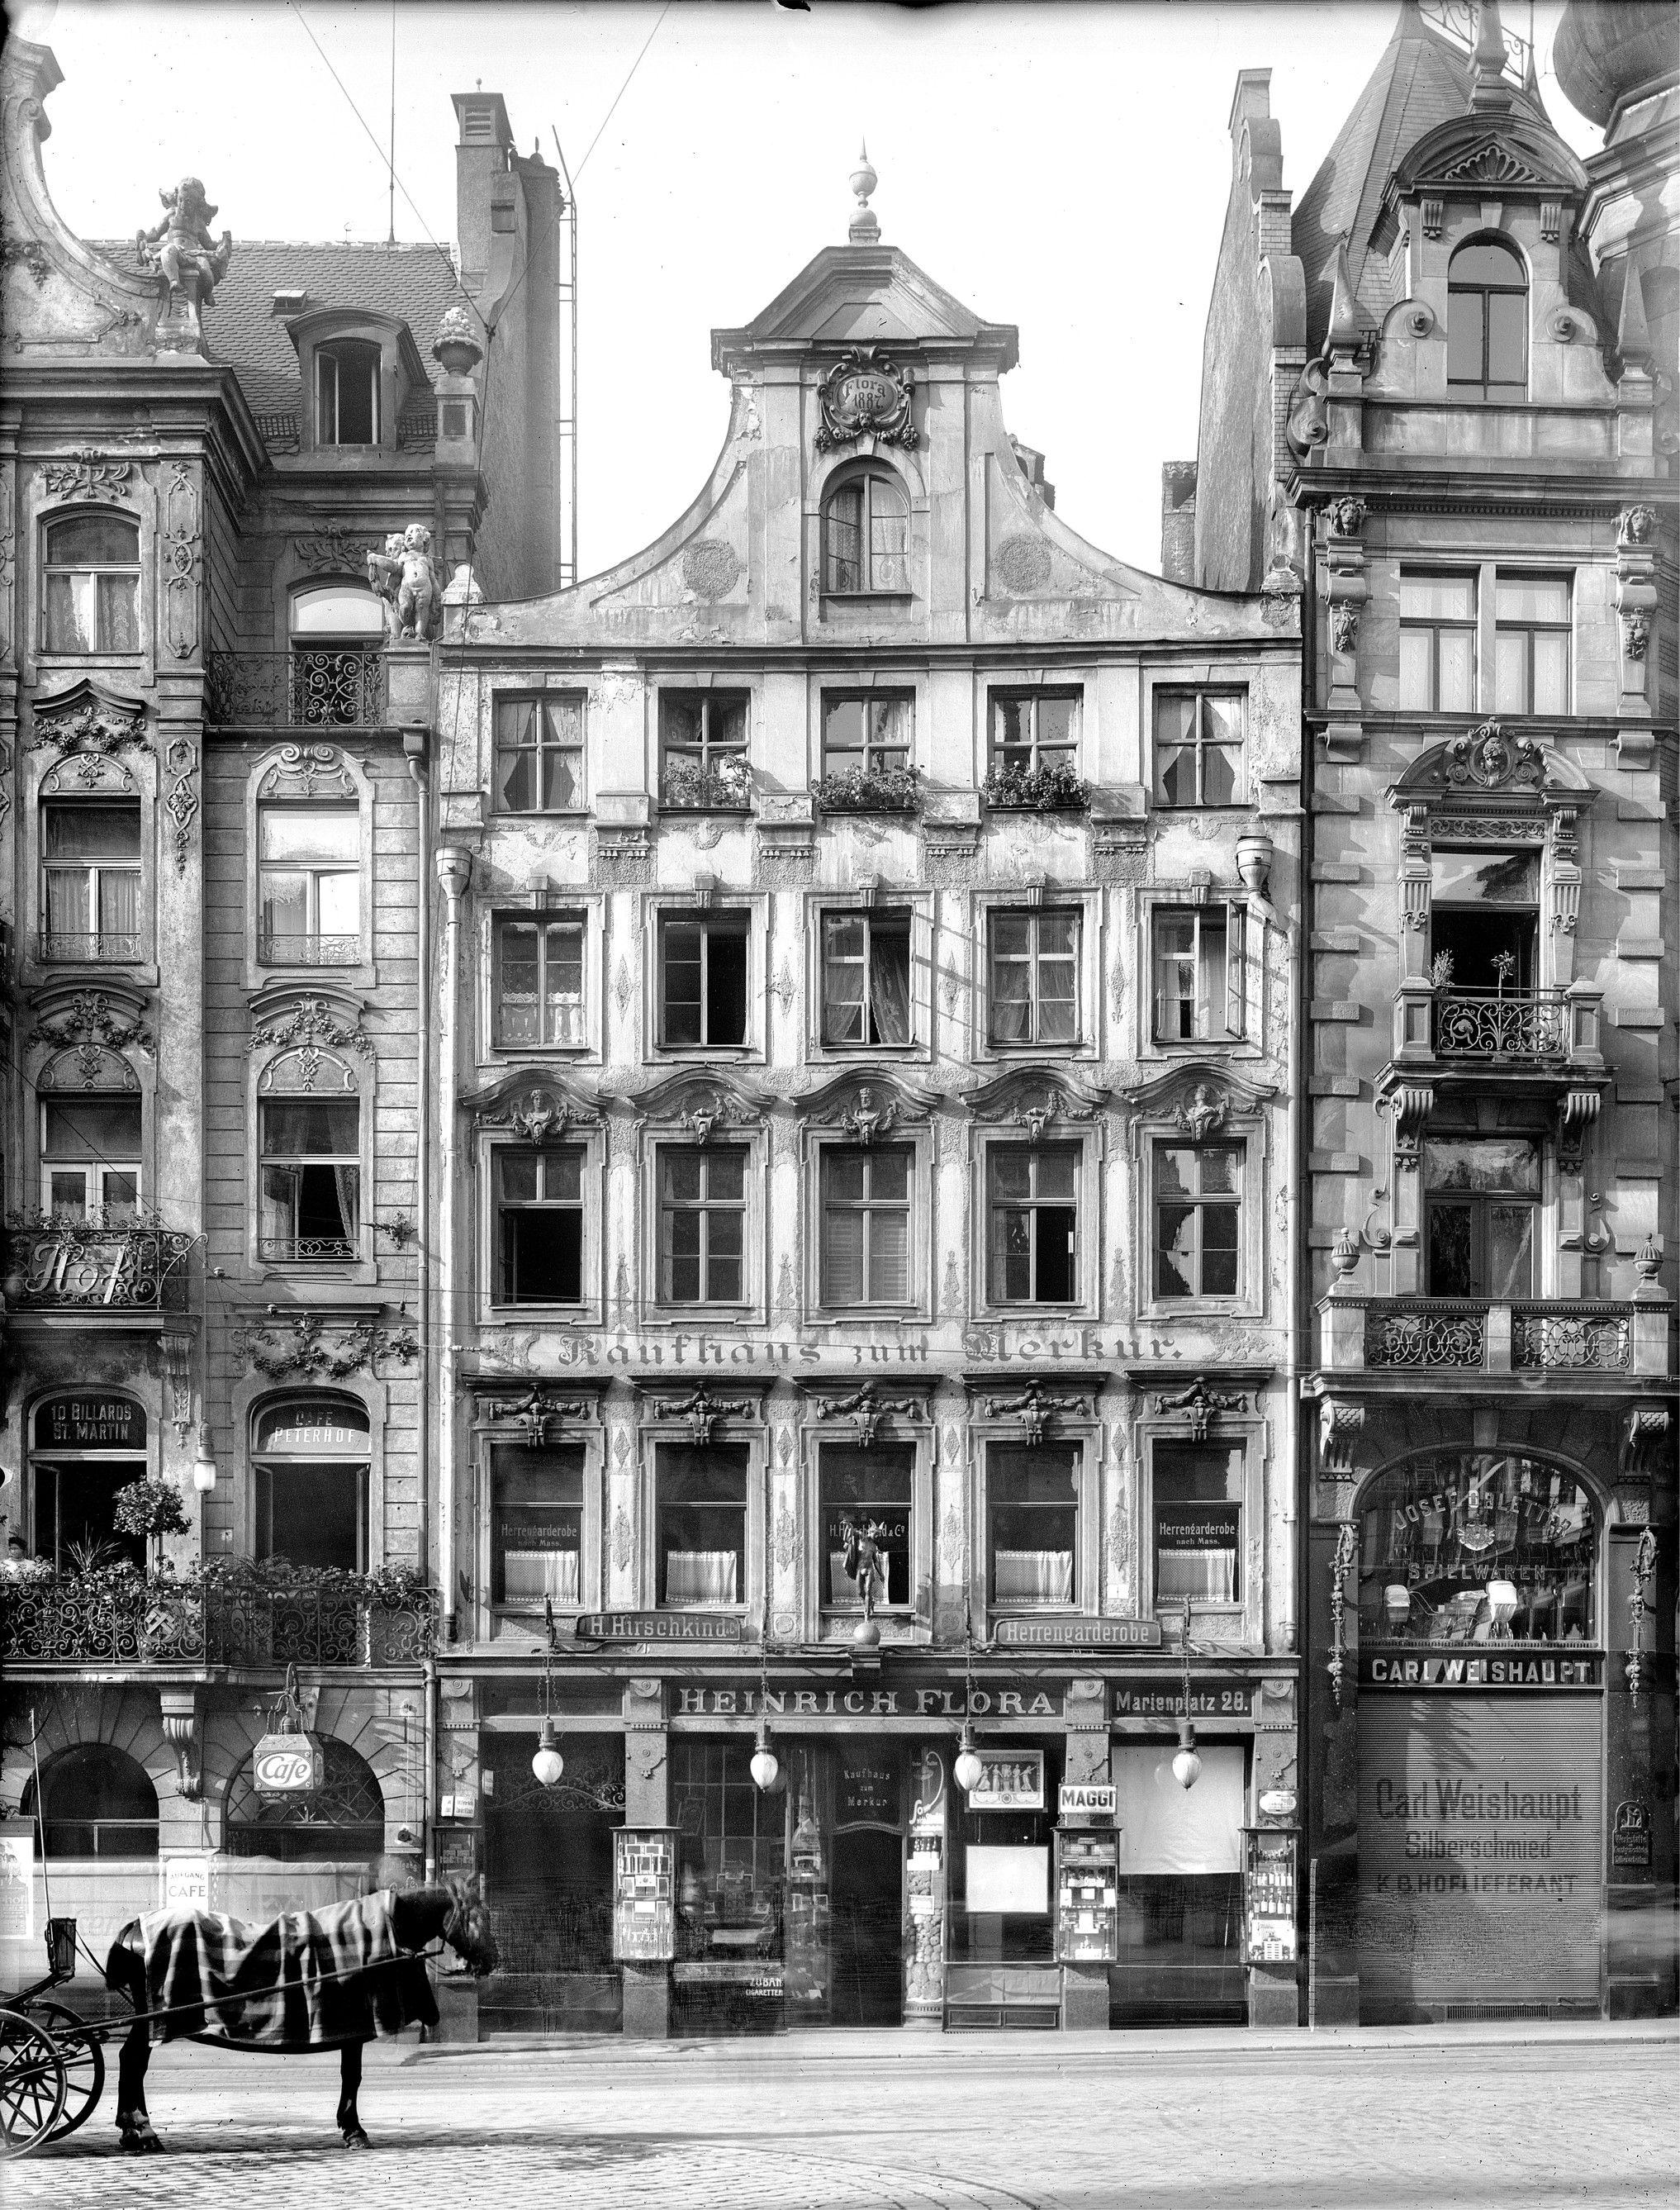 München - Altstadt nach 1945 (Galerie) - Architekt